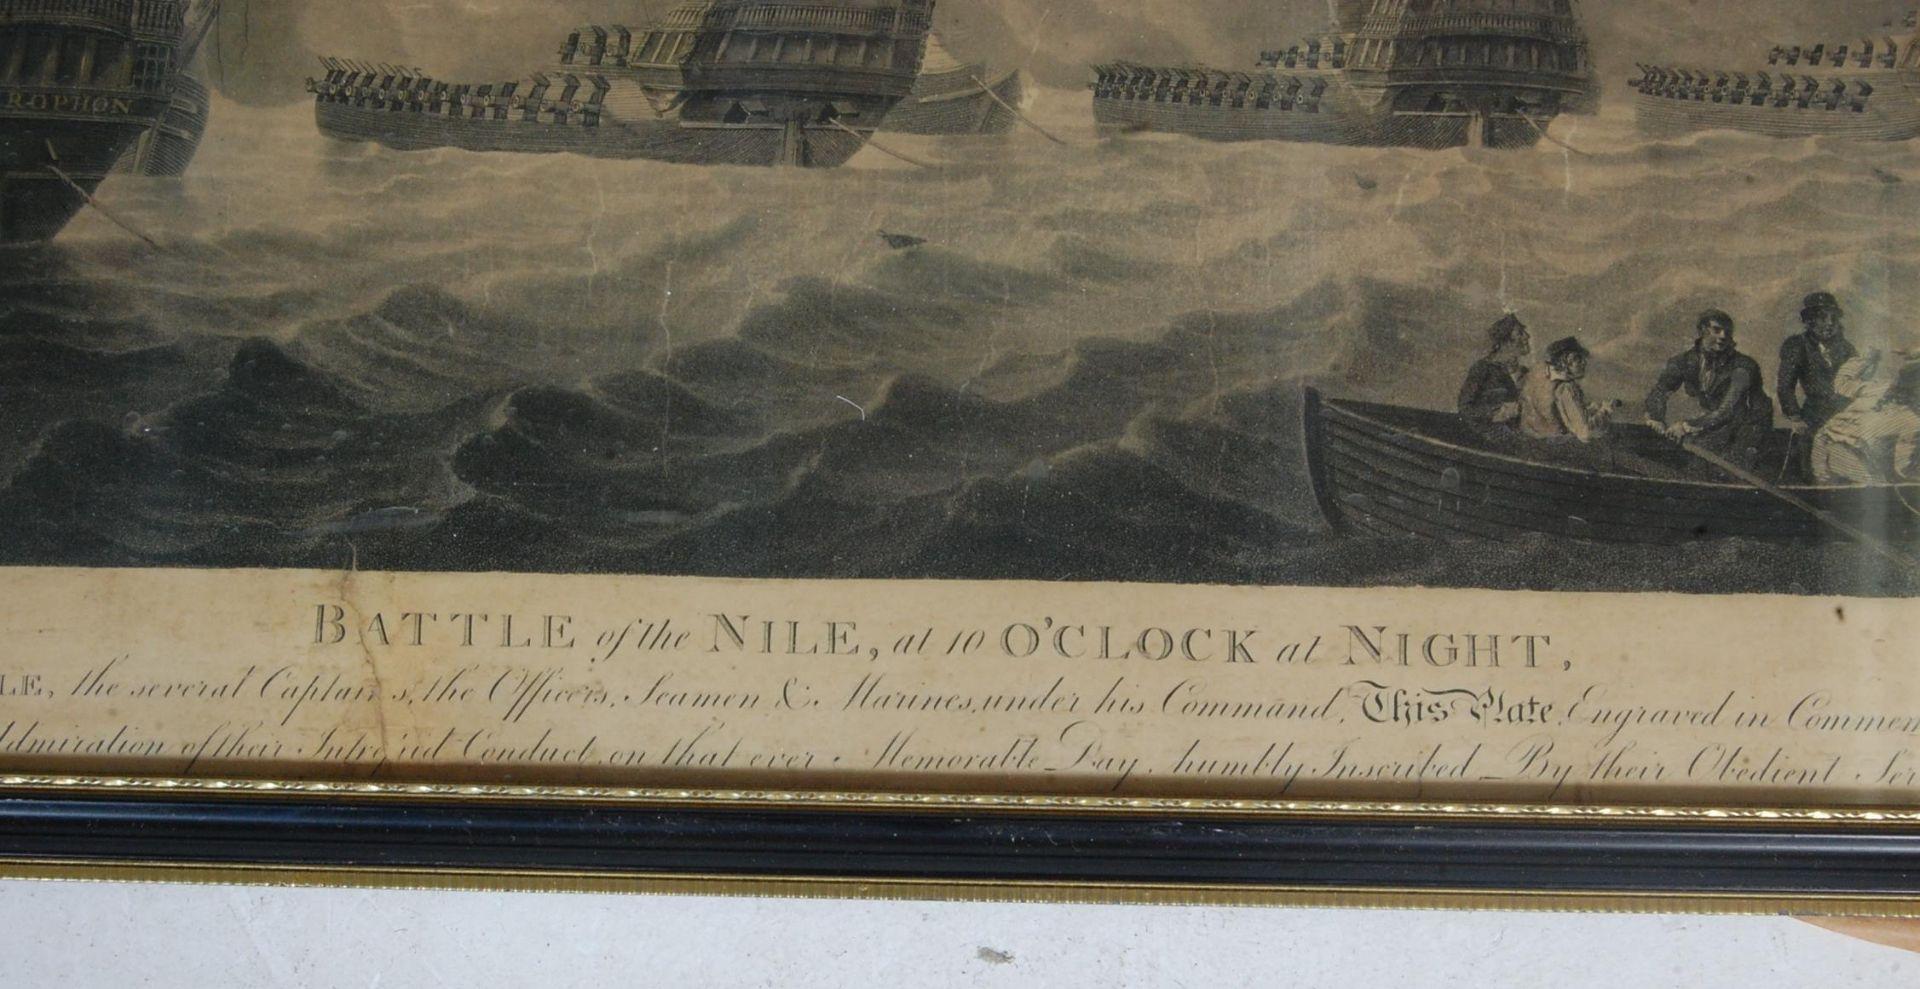 ANTIQUE 19TH CENTURY LITHOGRAPHS PEINTS / ETCHING PLATES - Bild 15 aus 16